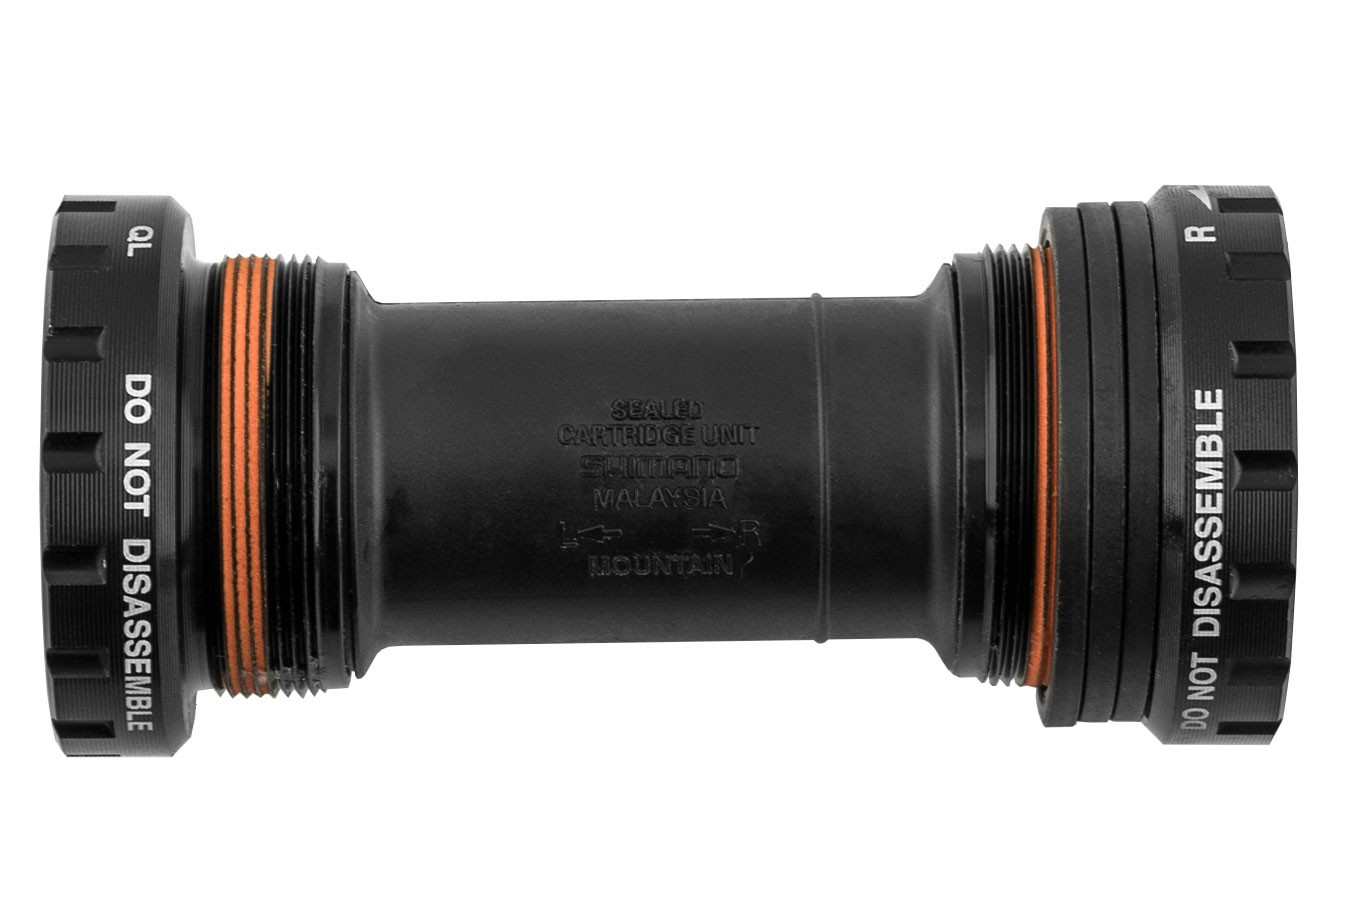 Pedivela 22/30/40 Altus 9v FC-MT210 175mm com centro integrado Shimano